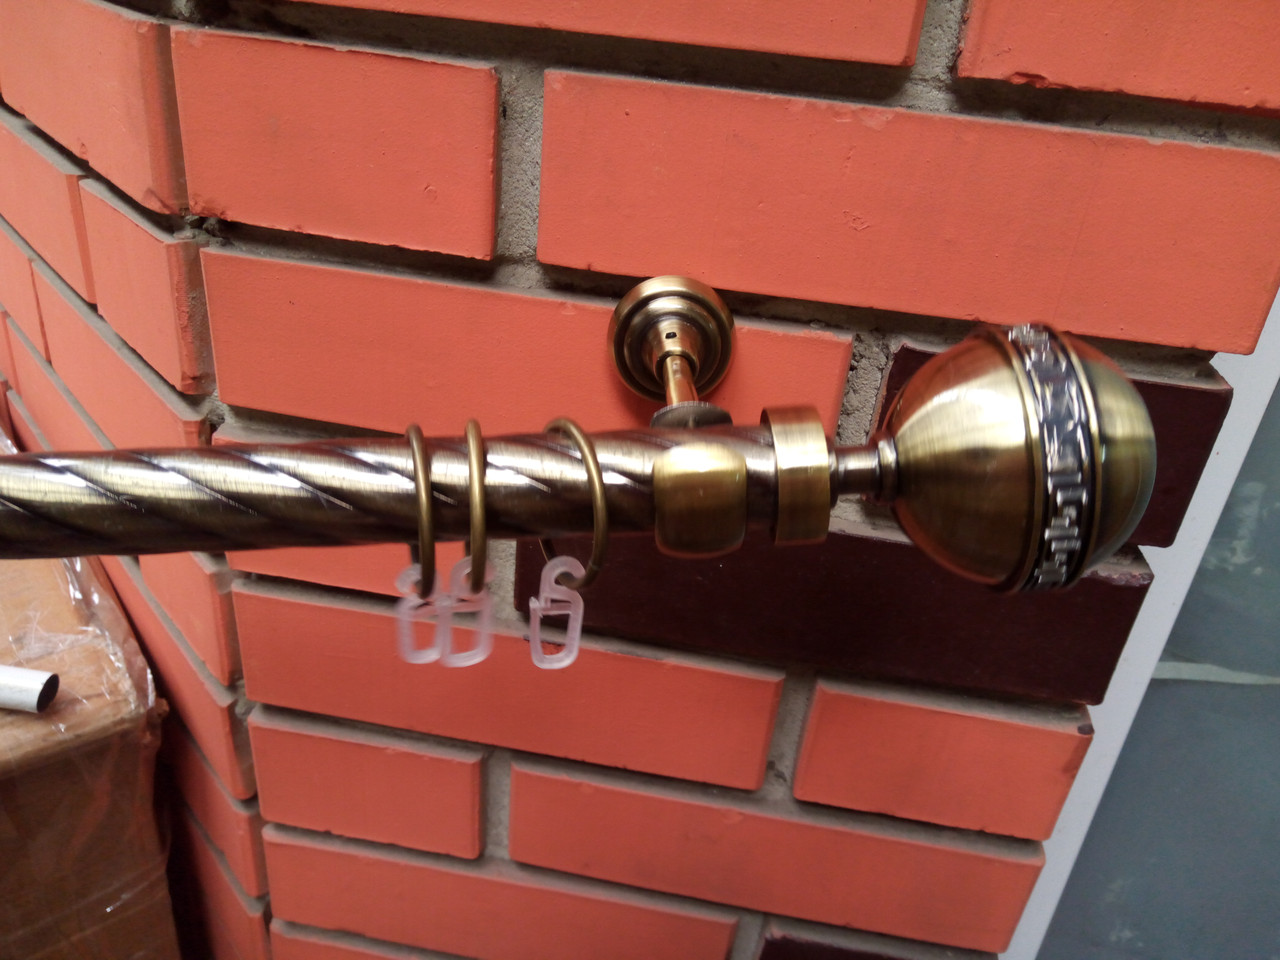 Карниз  кованый одинарный 25 мм  антик Калисто узор -2м